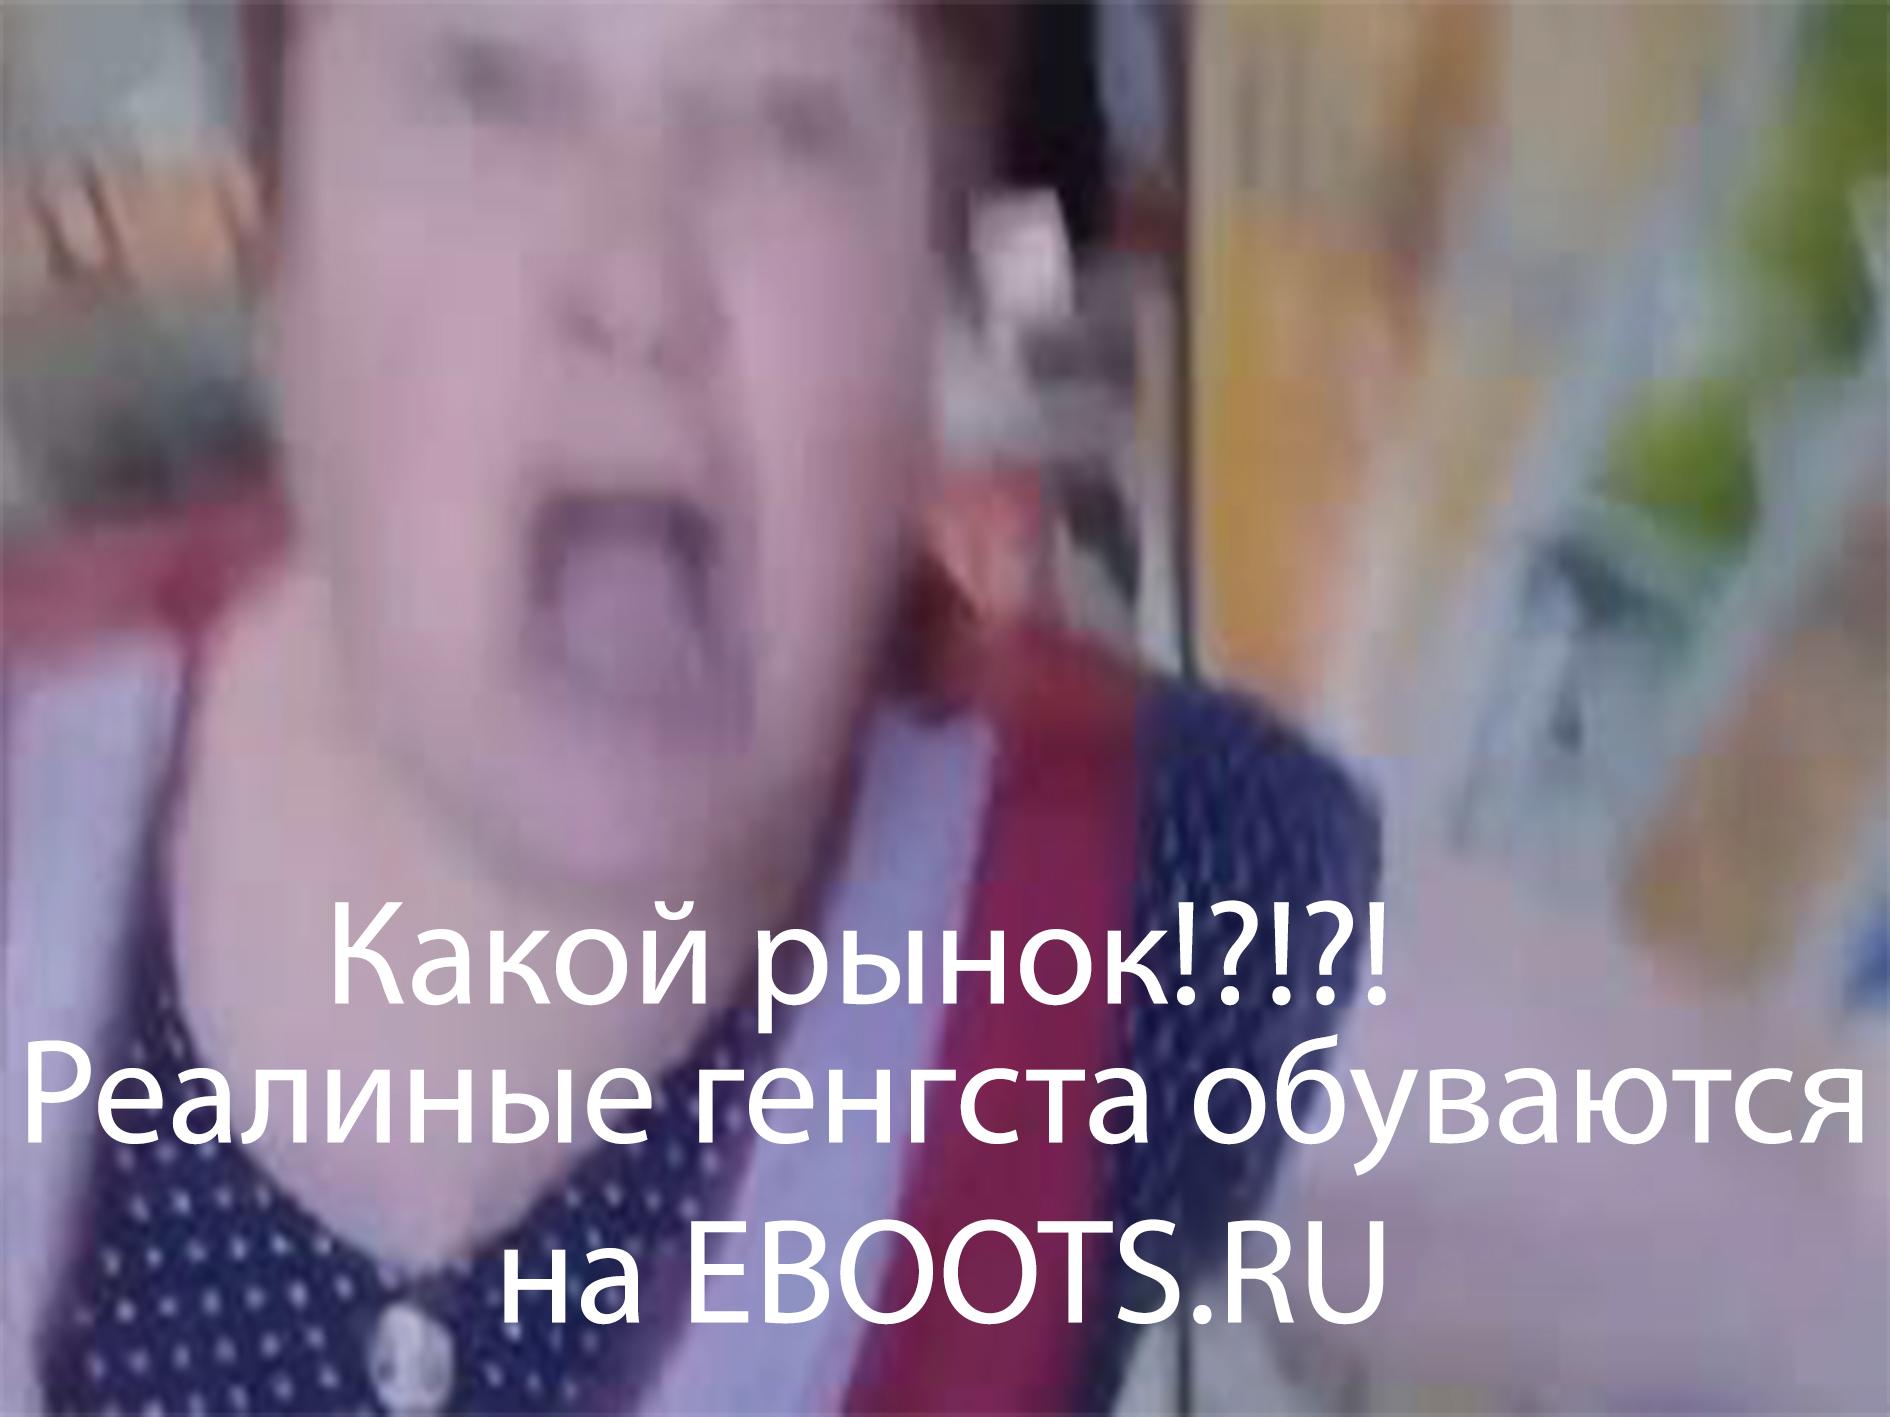 Создать мемы для магазина кроссовок Eboots, нативная реклама фото f_0265a50c5ad7d4d4.jpg